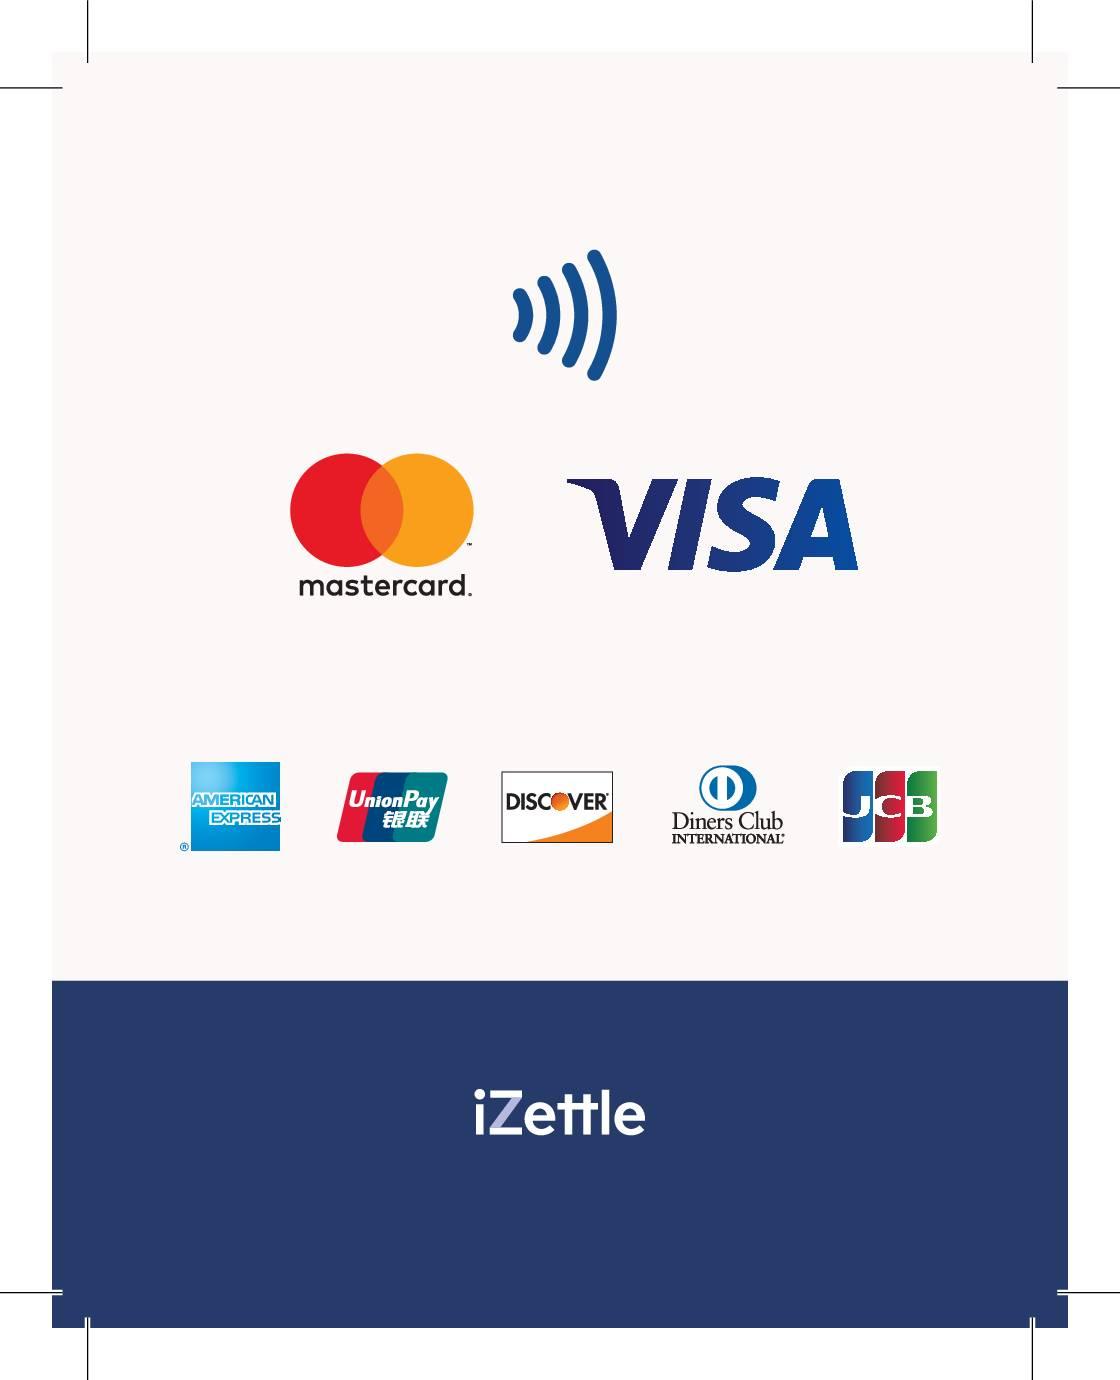 U kunt digitaal betalen met alle gangbare betaalkaarten